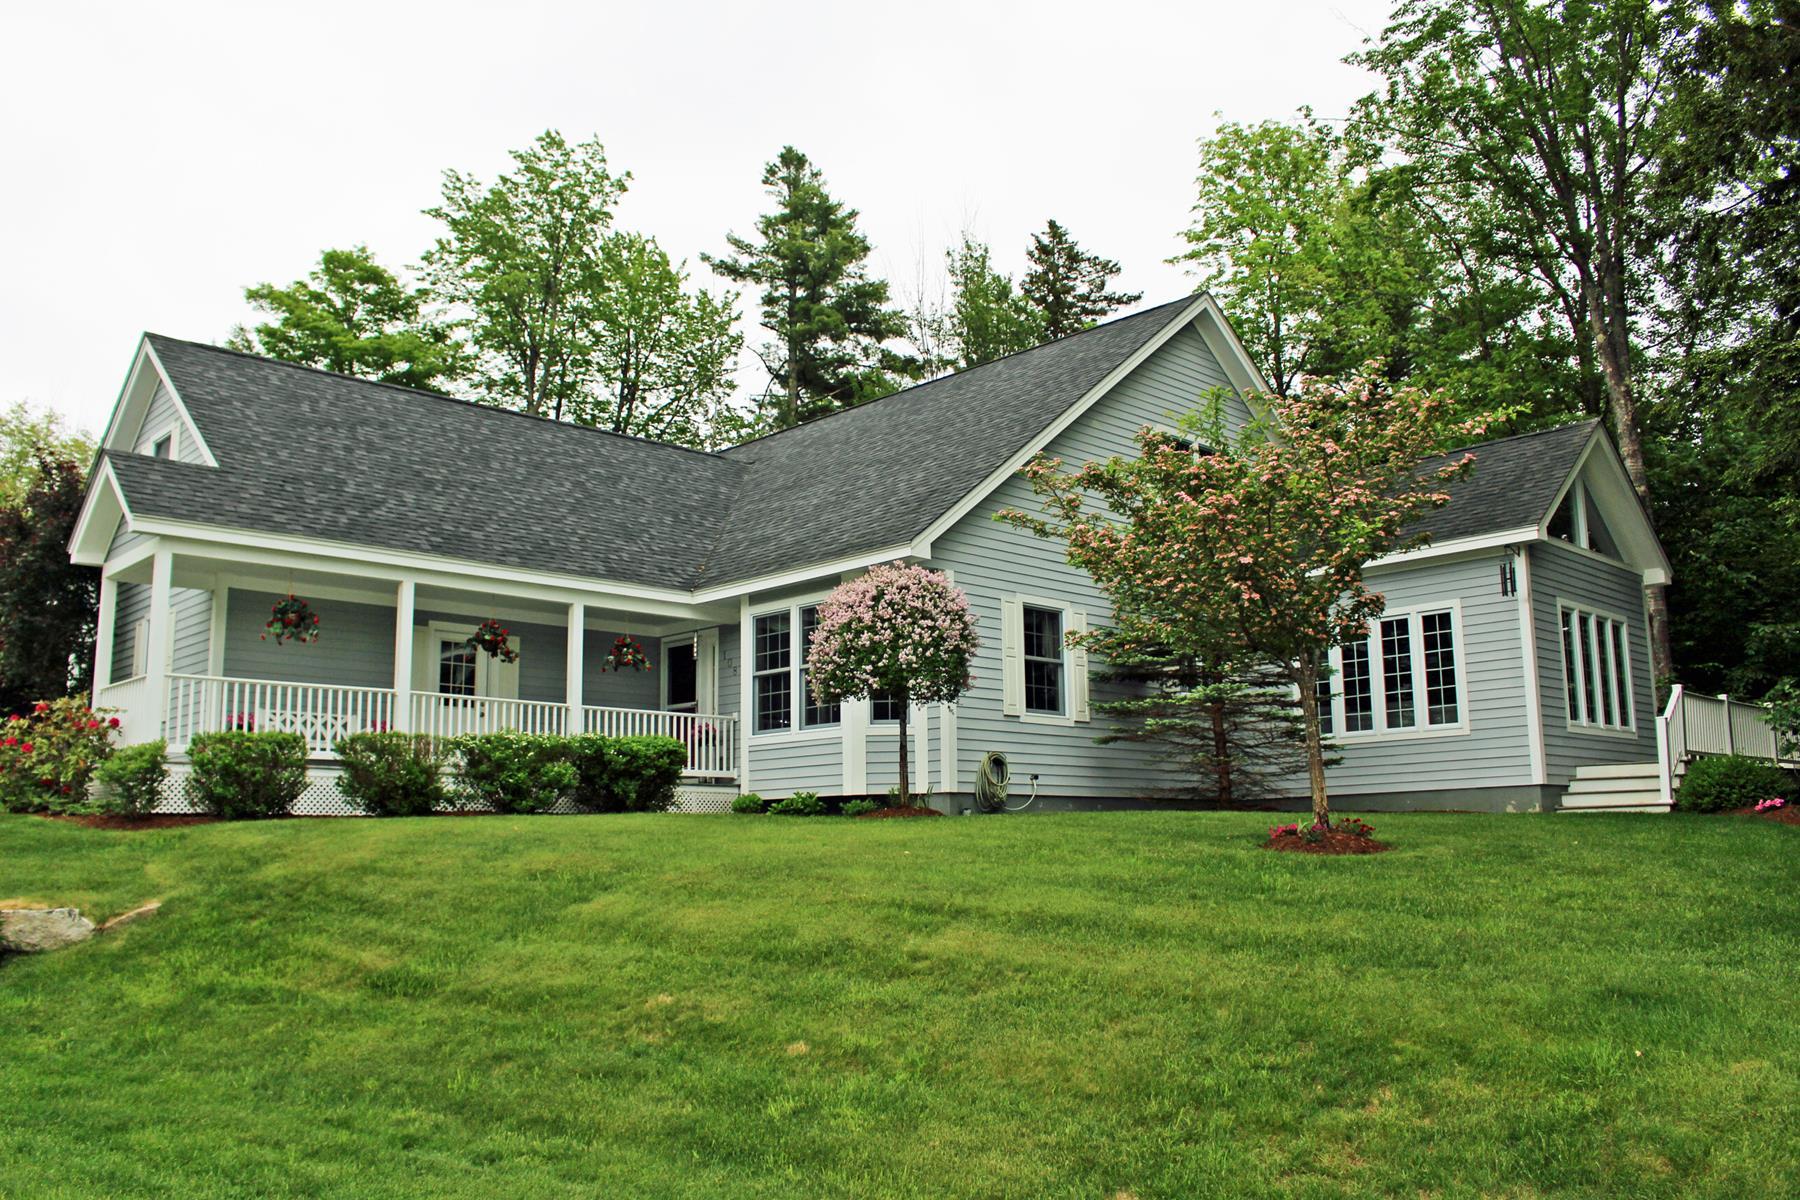 独户住宅 为 销售 在 108 Spruce, New London 108 Spruce Ln 新伦敦, 新罕布什尔州 03257 美国